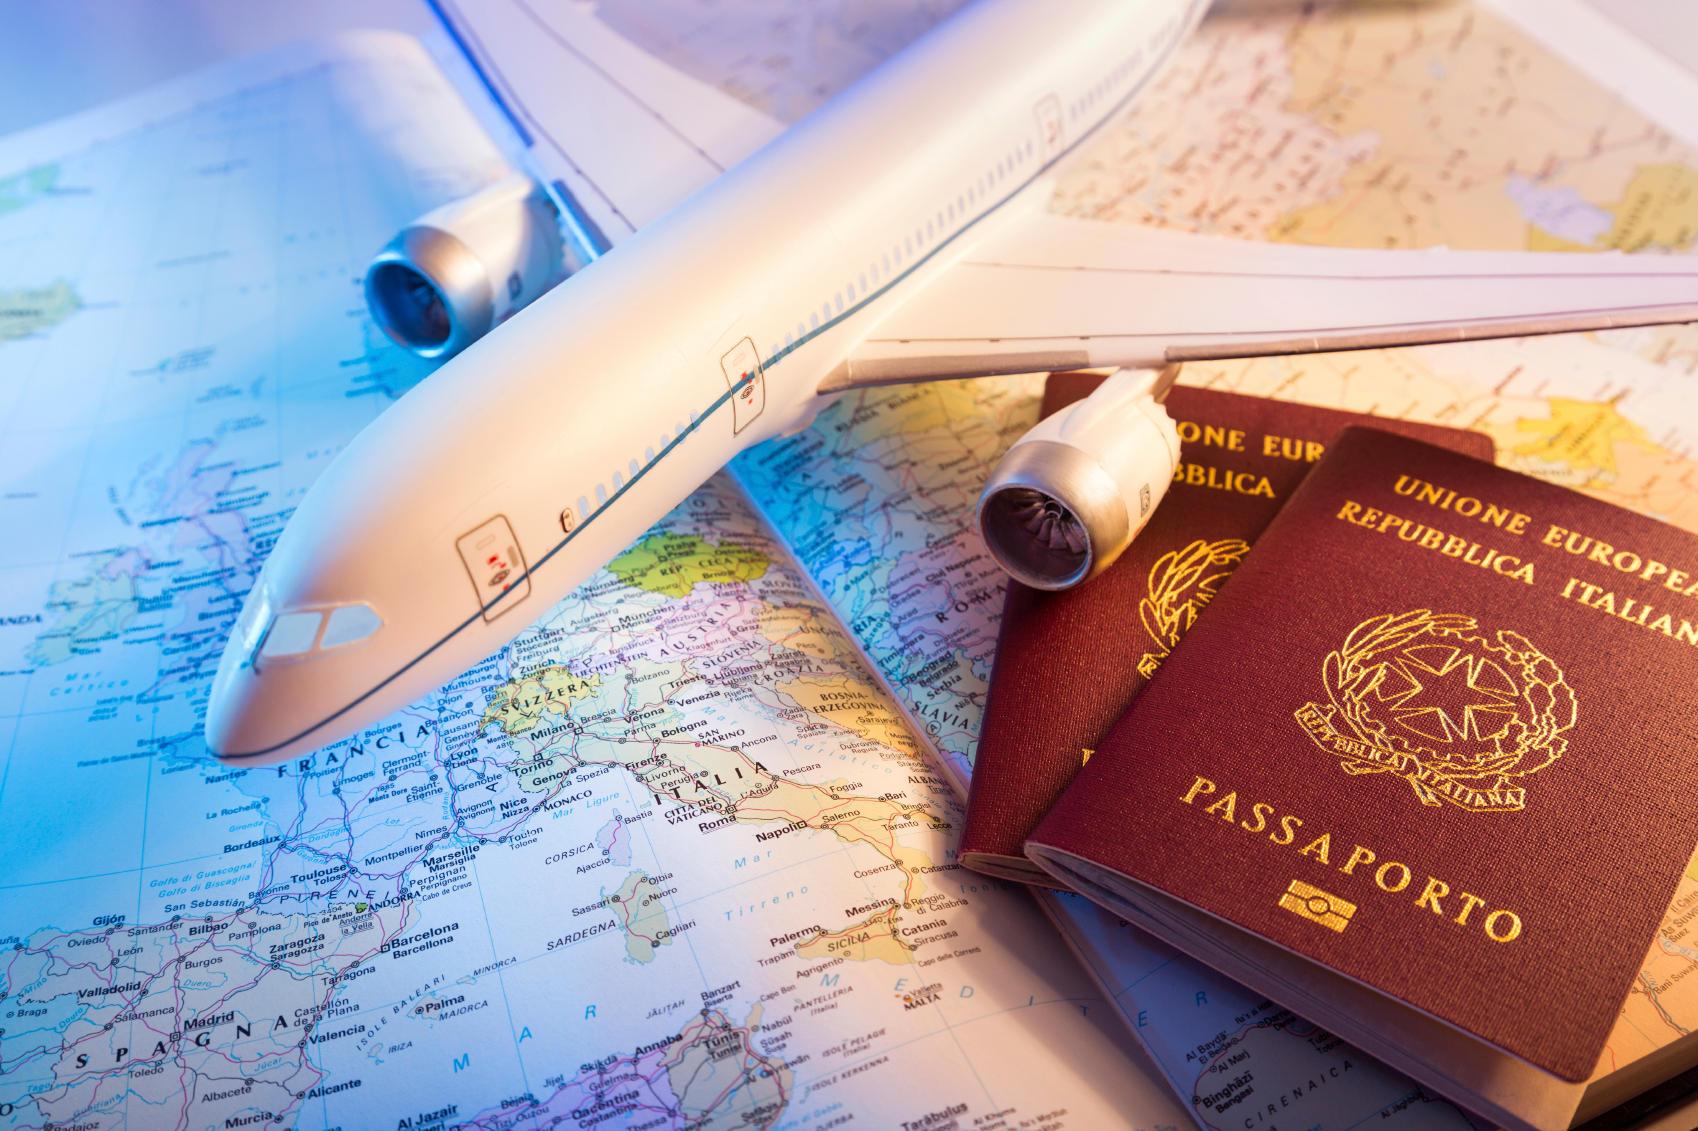 Тонкости внутреннего перелета по России по загранпаспорту